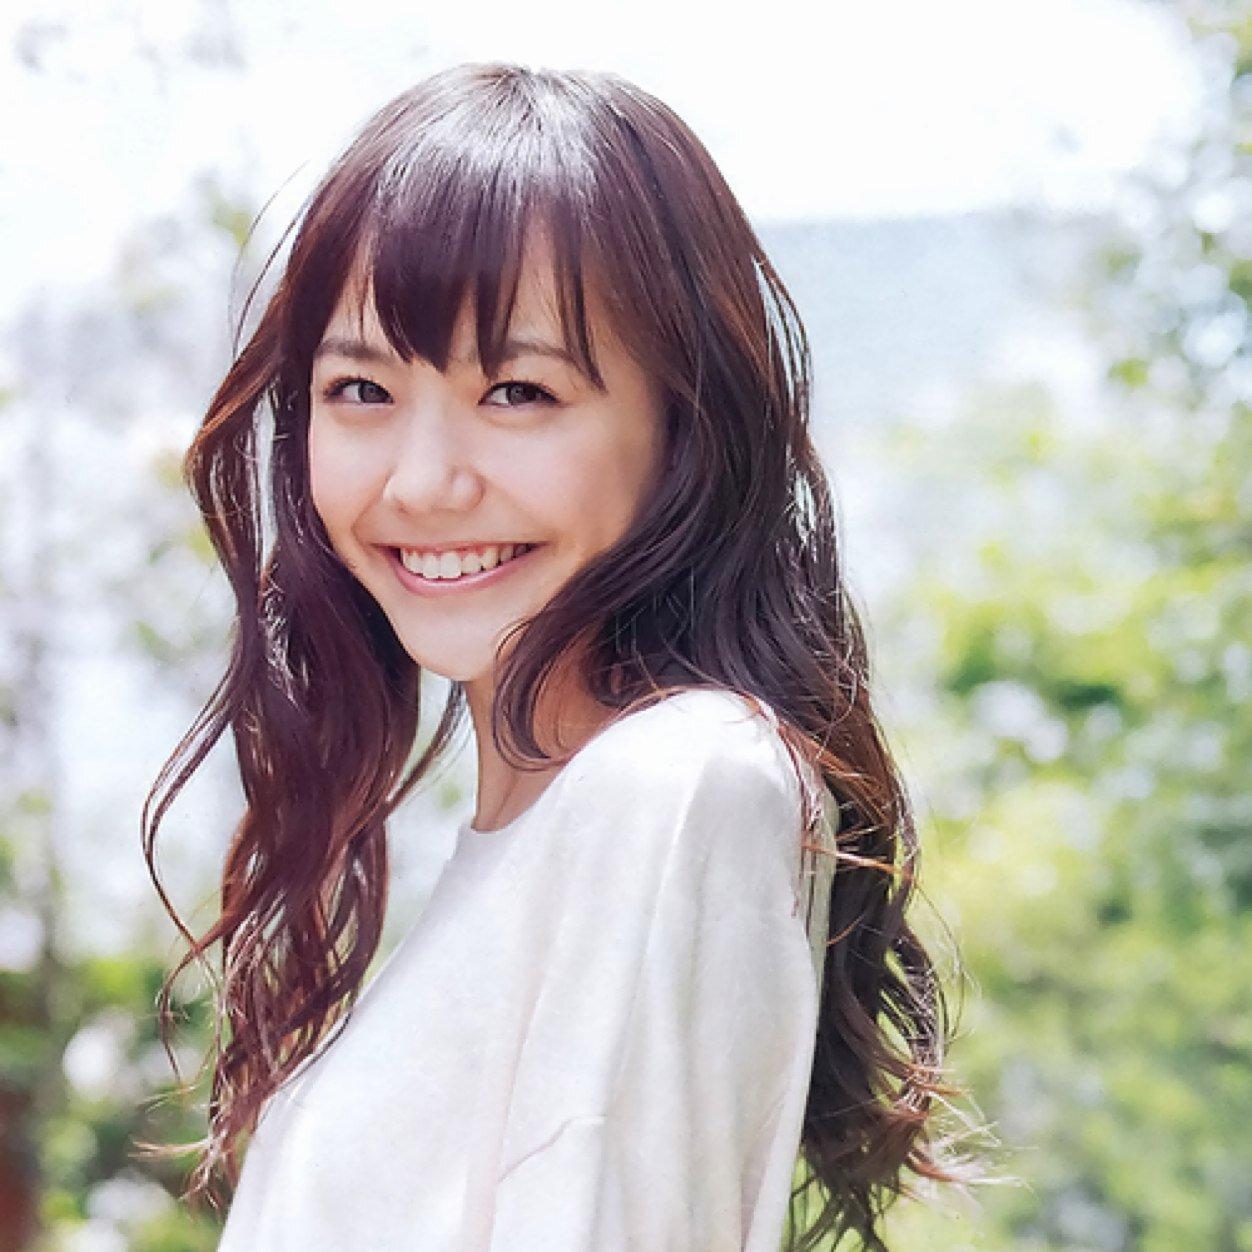 すっぴんがカワイイ松井愛莉の彼氏が気になる。私服もカワイすぎる!のサムネイル画像